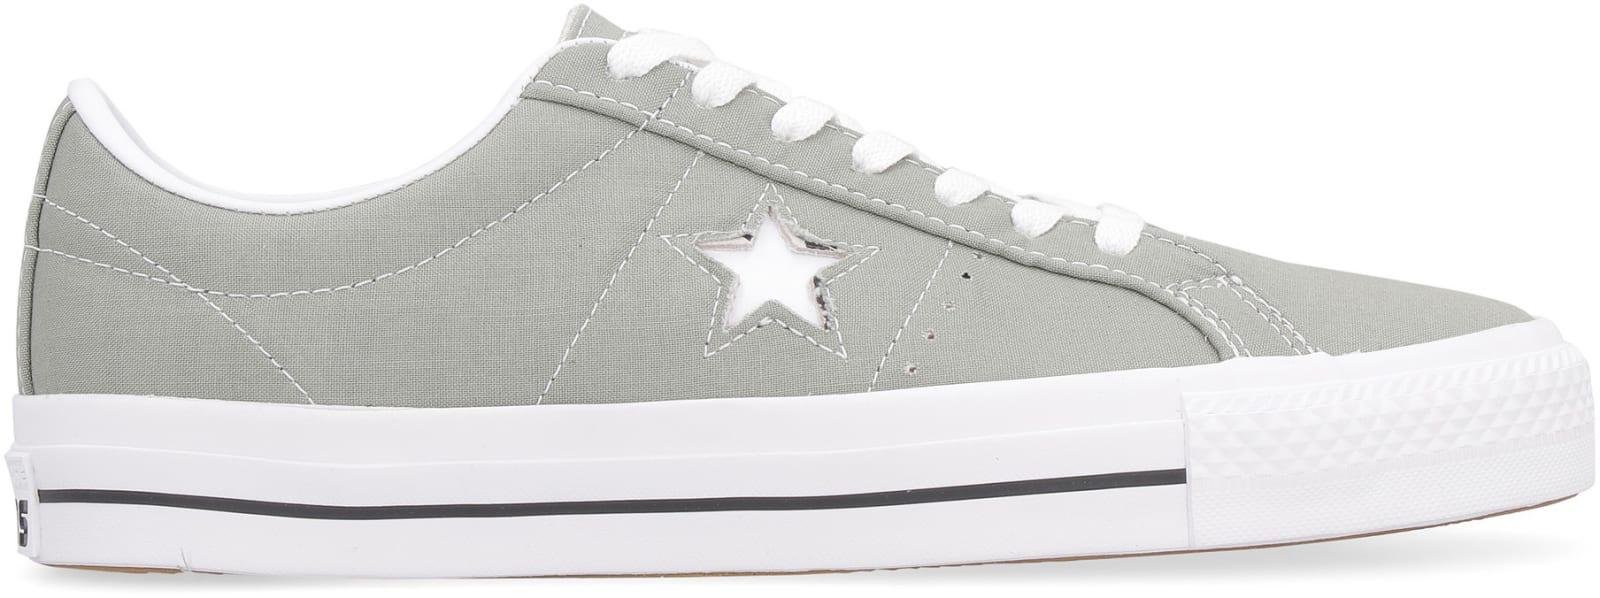 Converse Sneakers   italist, ALWAYS